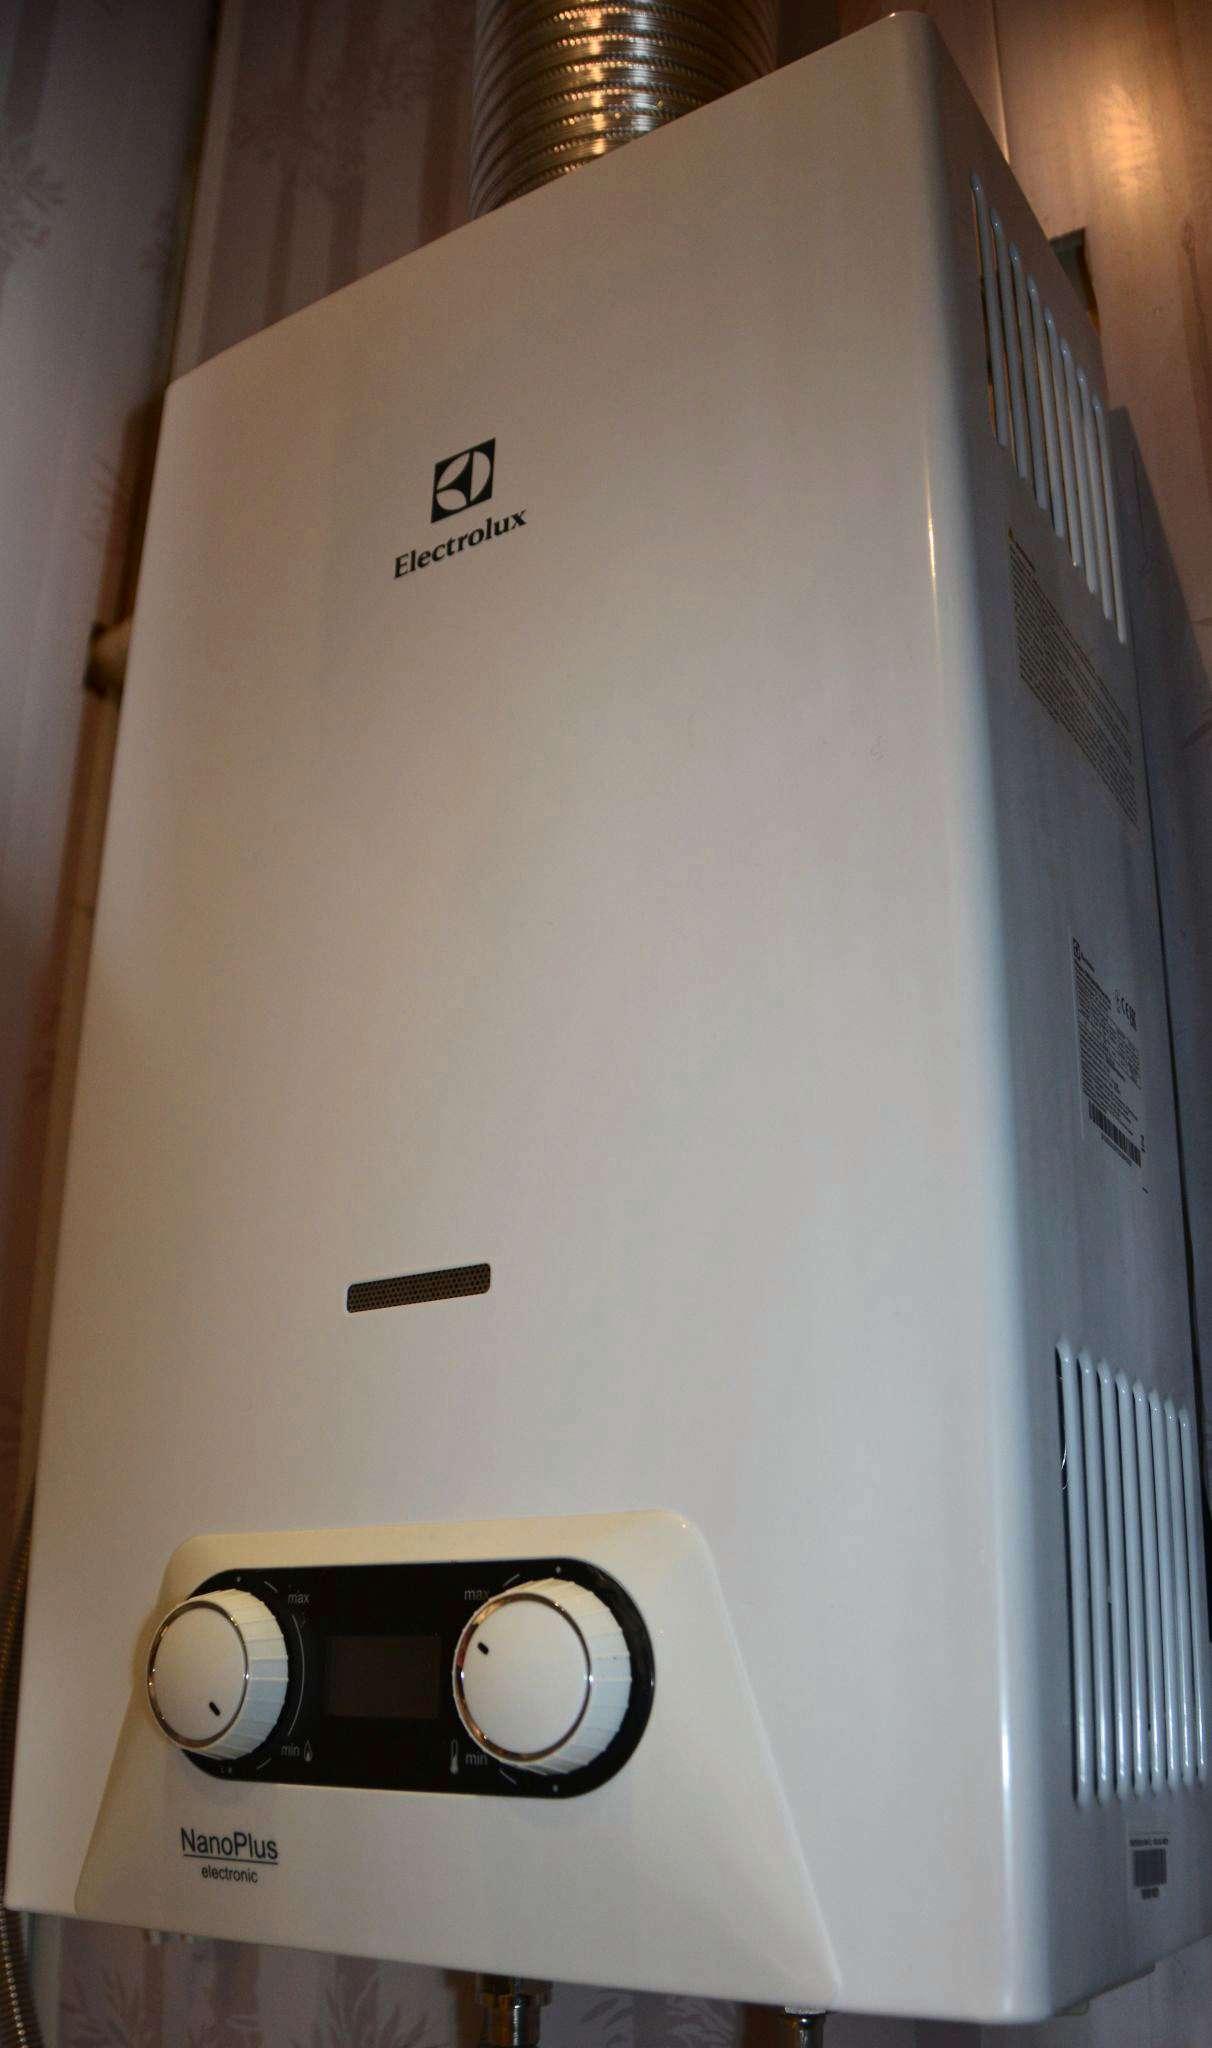 Электролюкс нано плюс теплообменник Уплотнения теплообменника Этра ЭТ-081 Тюмень